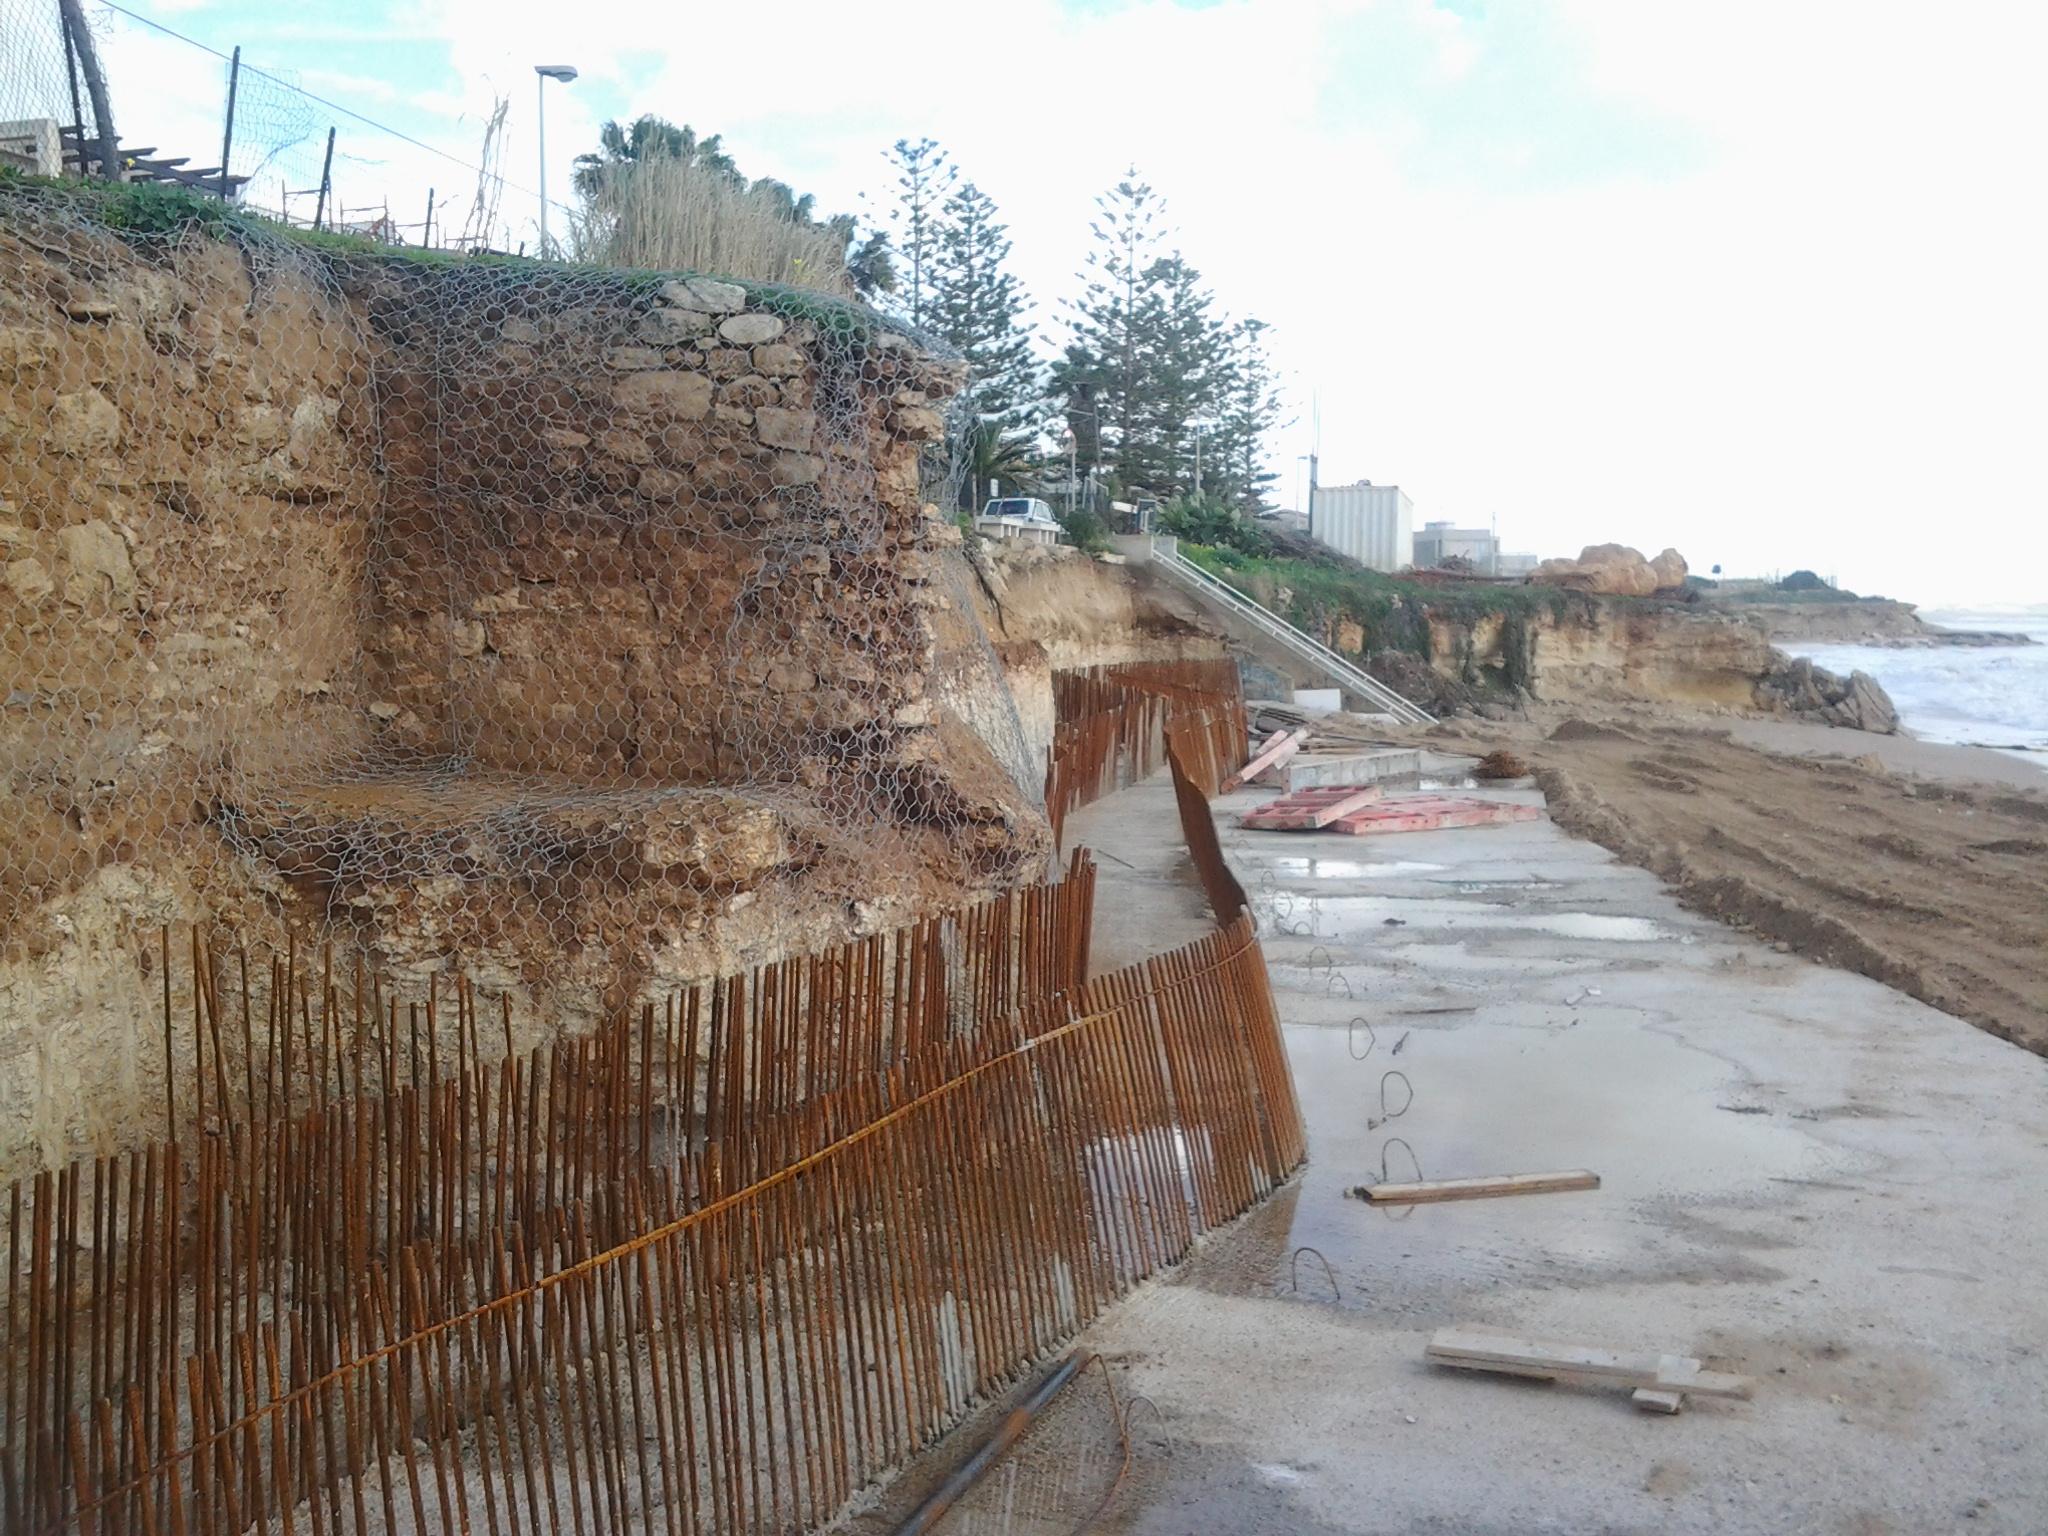 Ripascimento delle spiagge di Caucana e Casuzze: Legambiente chiede una variante al progetto